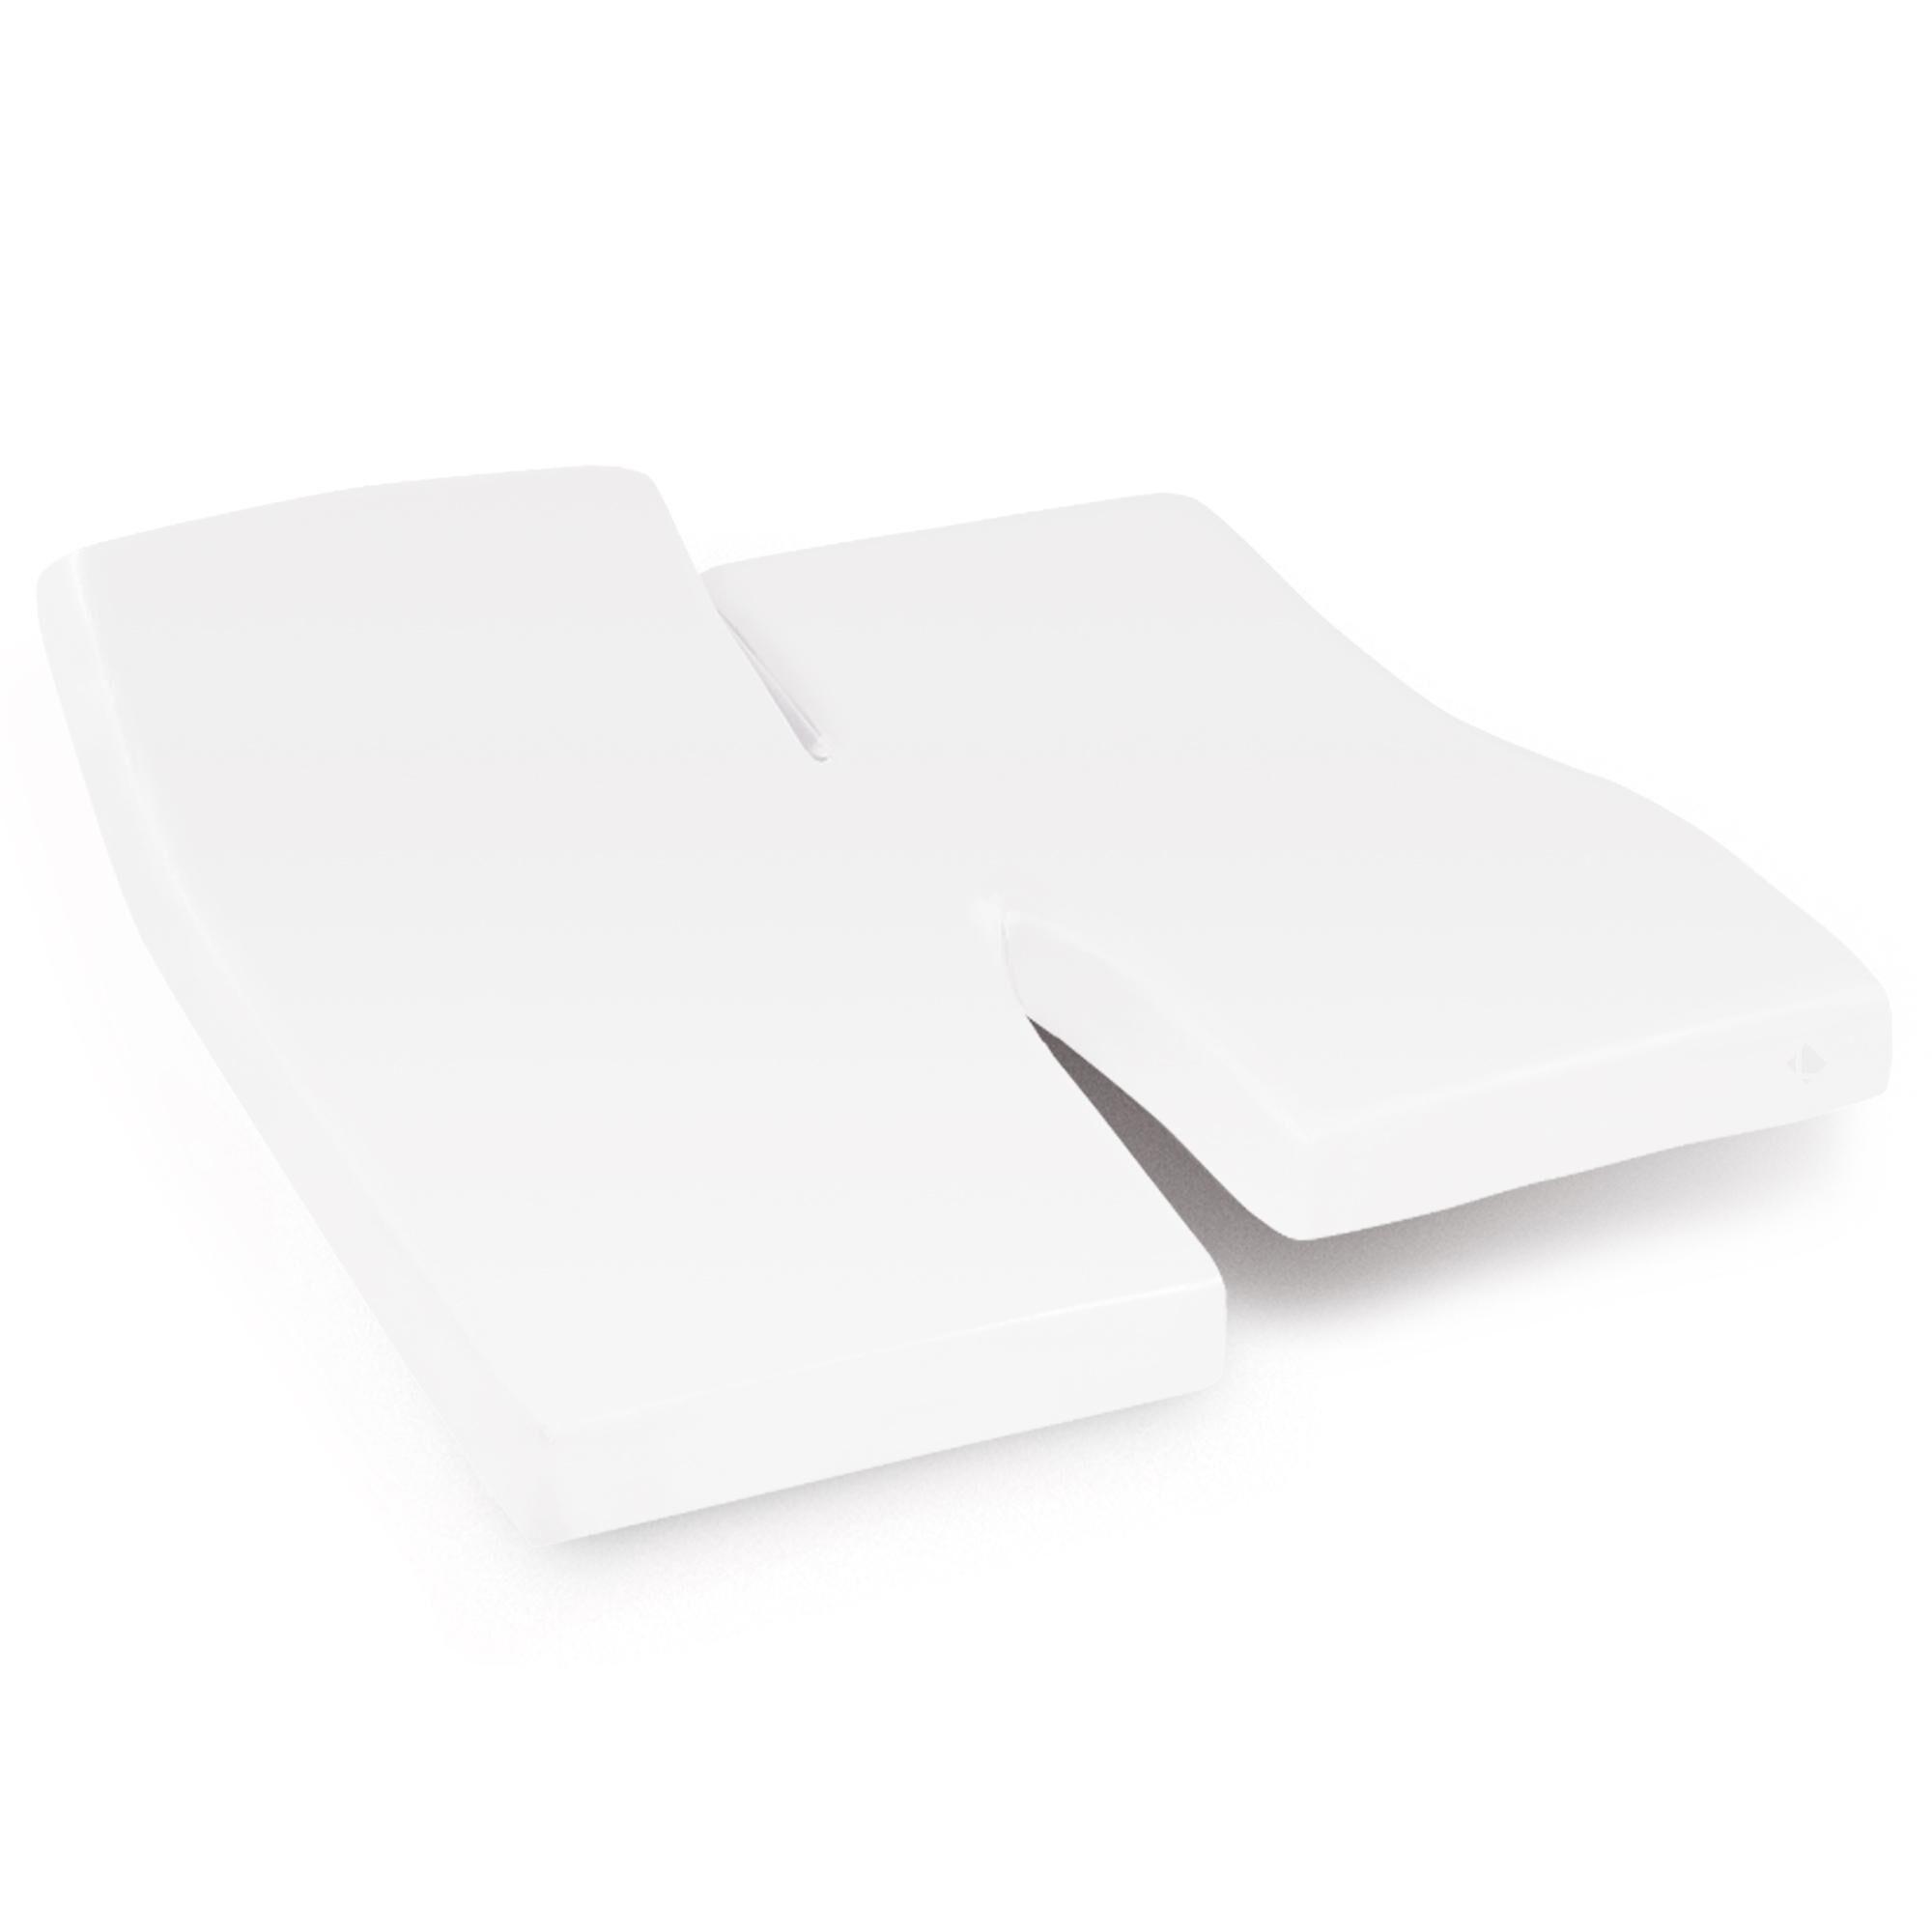 Linnea Protège matelas imperméable 2x80x210 cm lit articulé TPR bonnet 40cm ARNON molleton 100% coton contrecollé polyuréthane